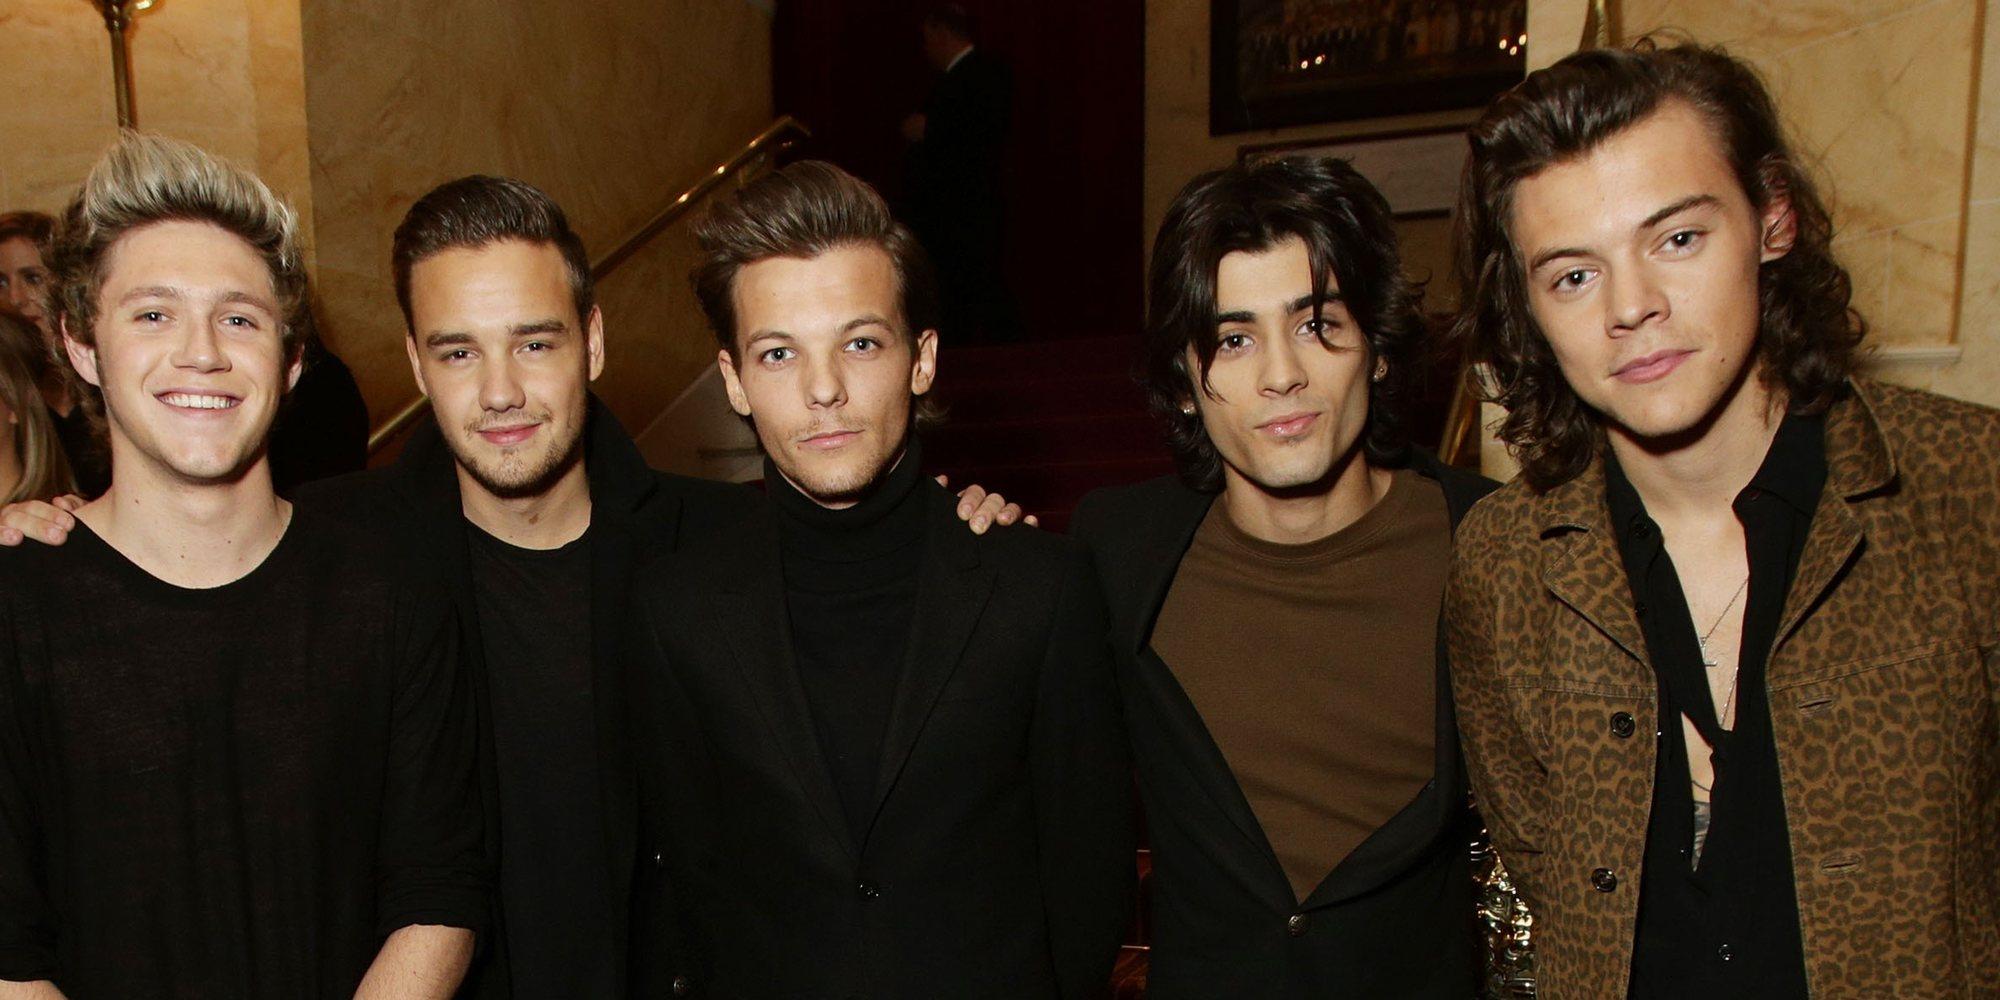 Los chicos de One Direction planean volver a unirse